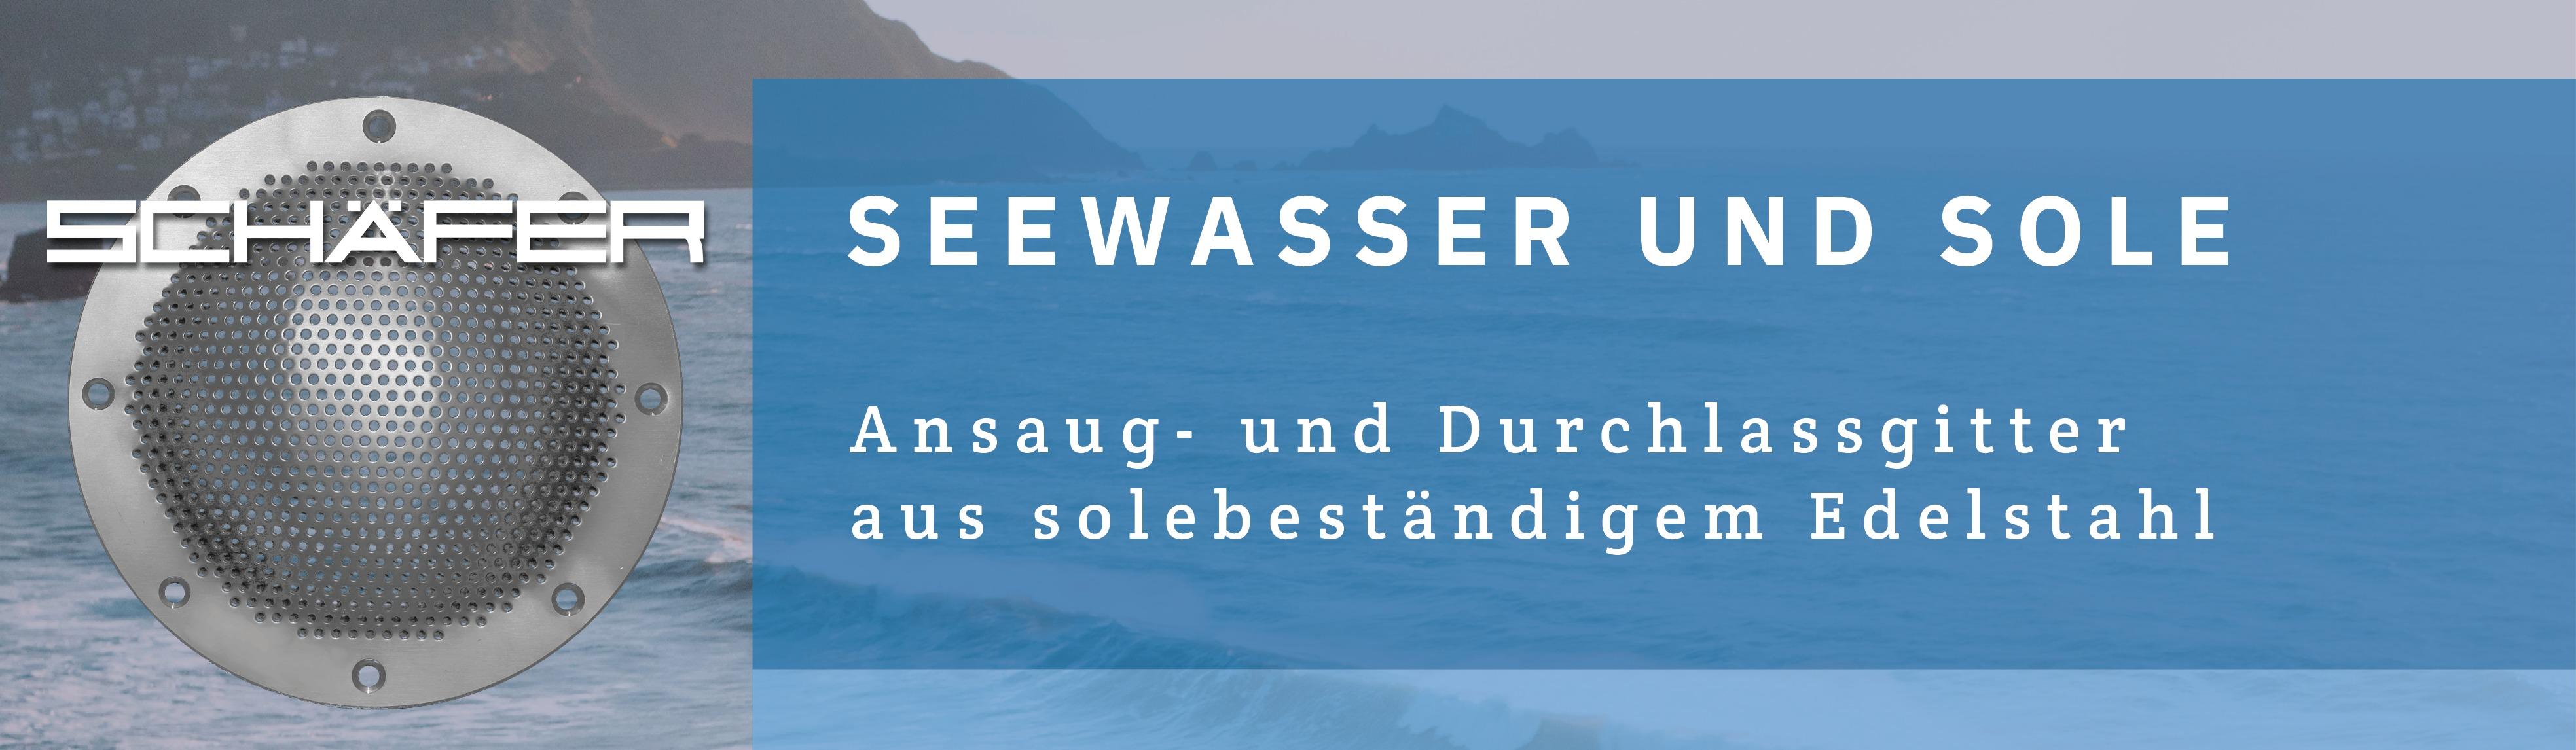 Neu und nur von Schäfer: Seewasser- und solebeständige Gitter aus Edelstahl 1.4539.